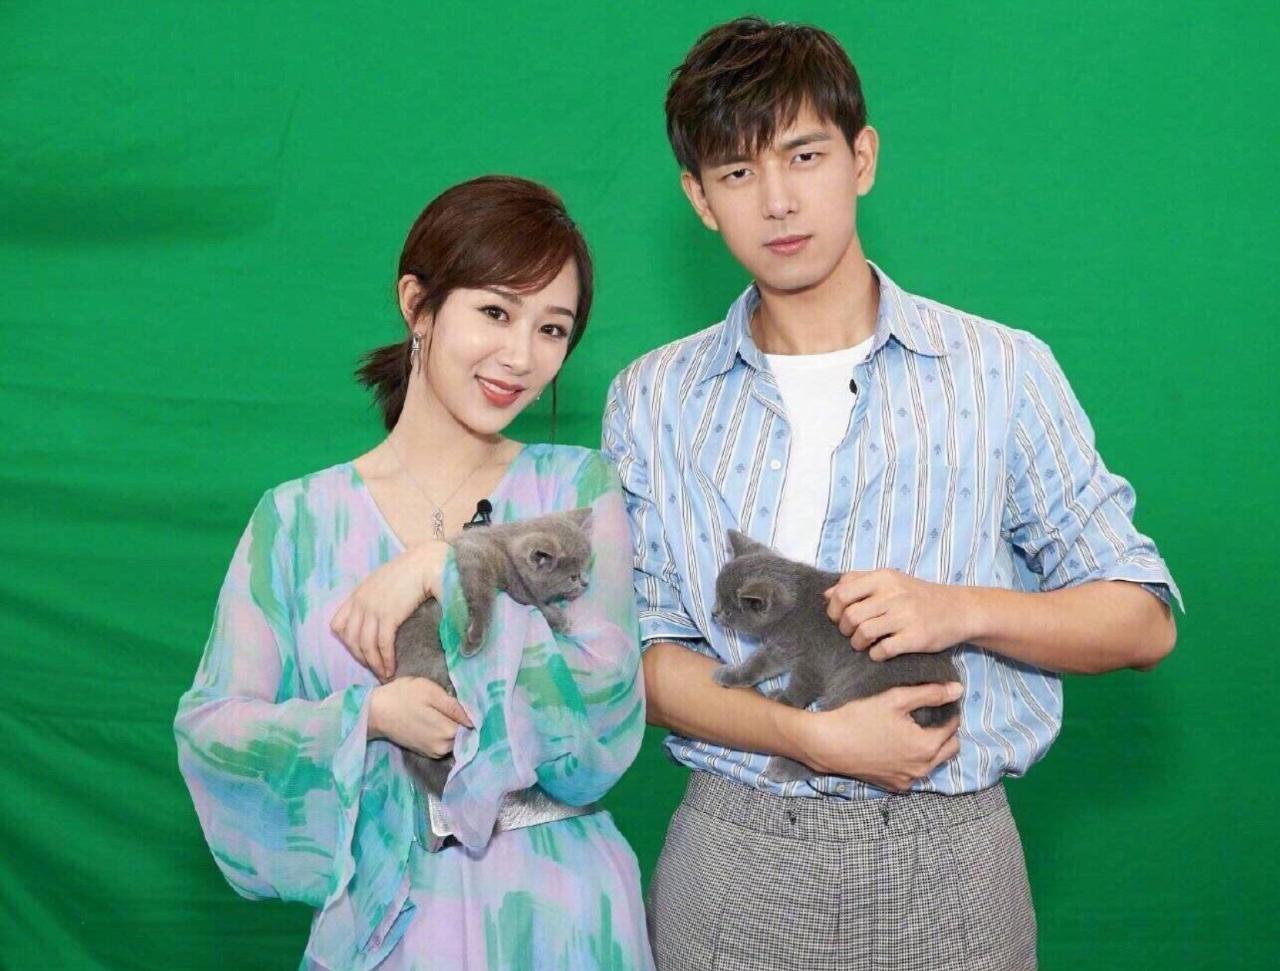 杨紫成今夏最大赢家,电视剧电影口碑爆棚,综艺新剧热度高